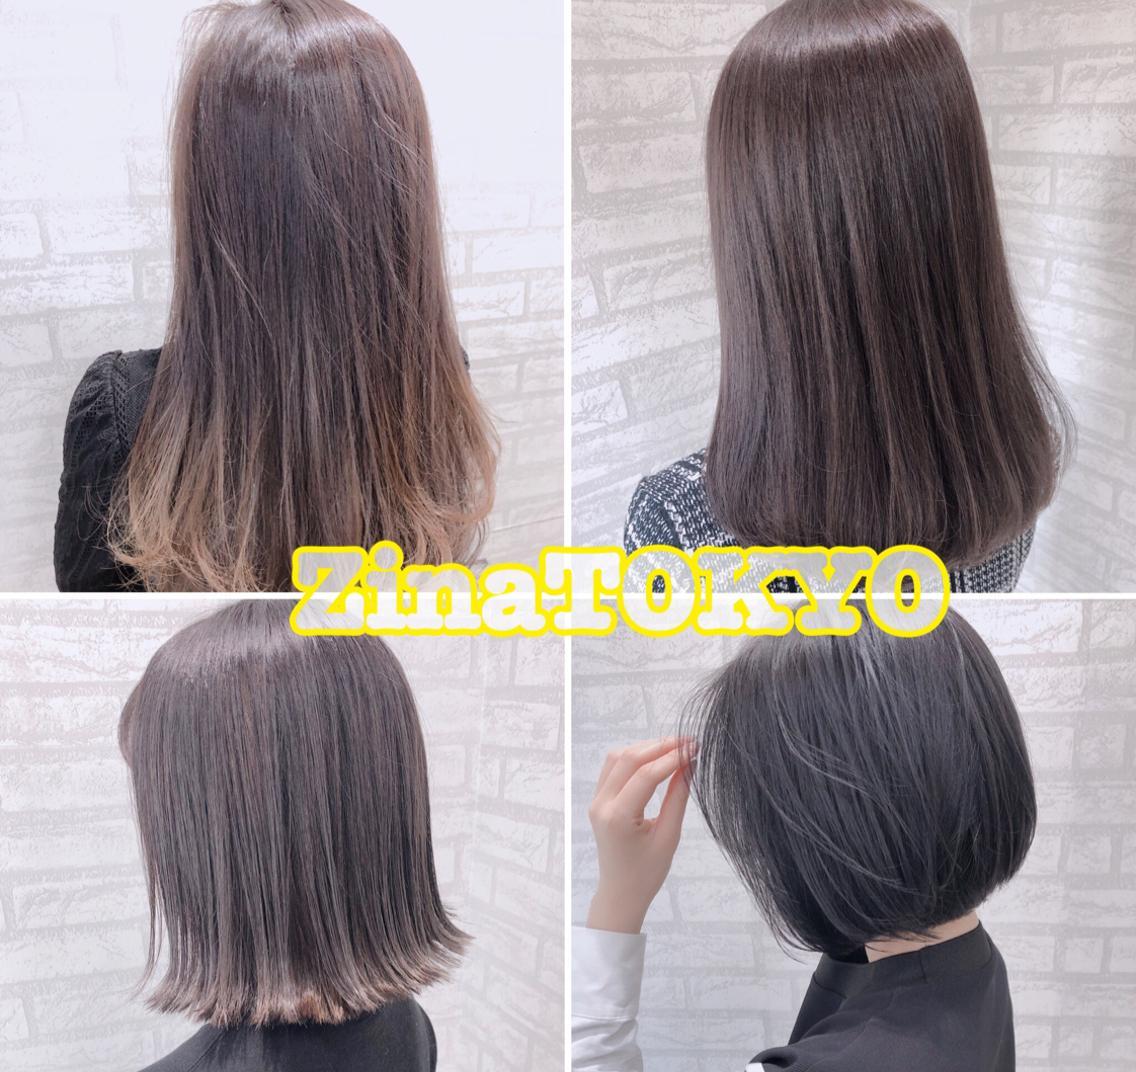 DAMIAオリジナルトリートメント配合カラー☆低アルカリ、低ダメージカラーで髪を痛ませません。